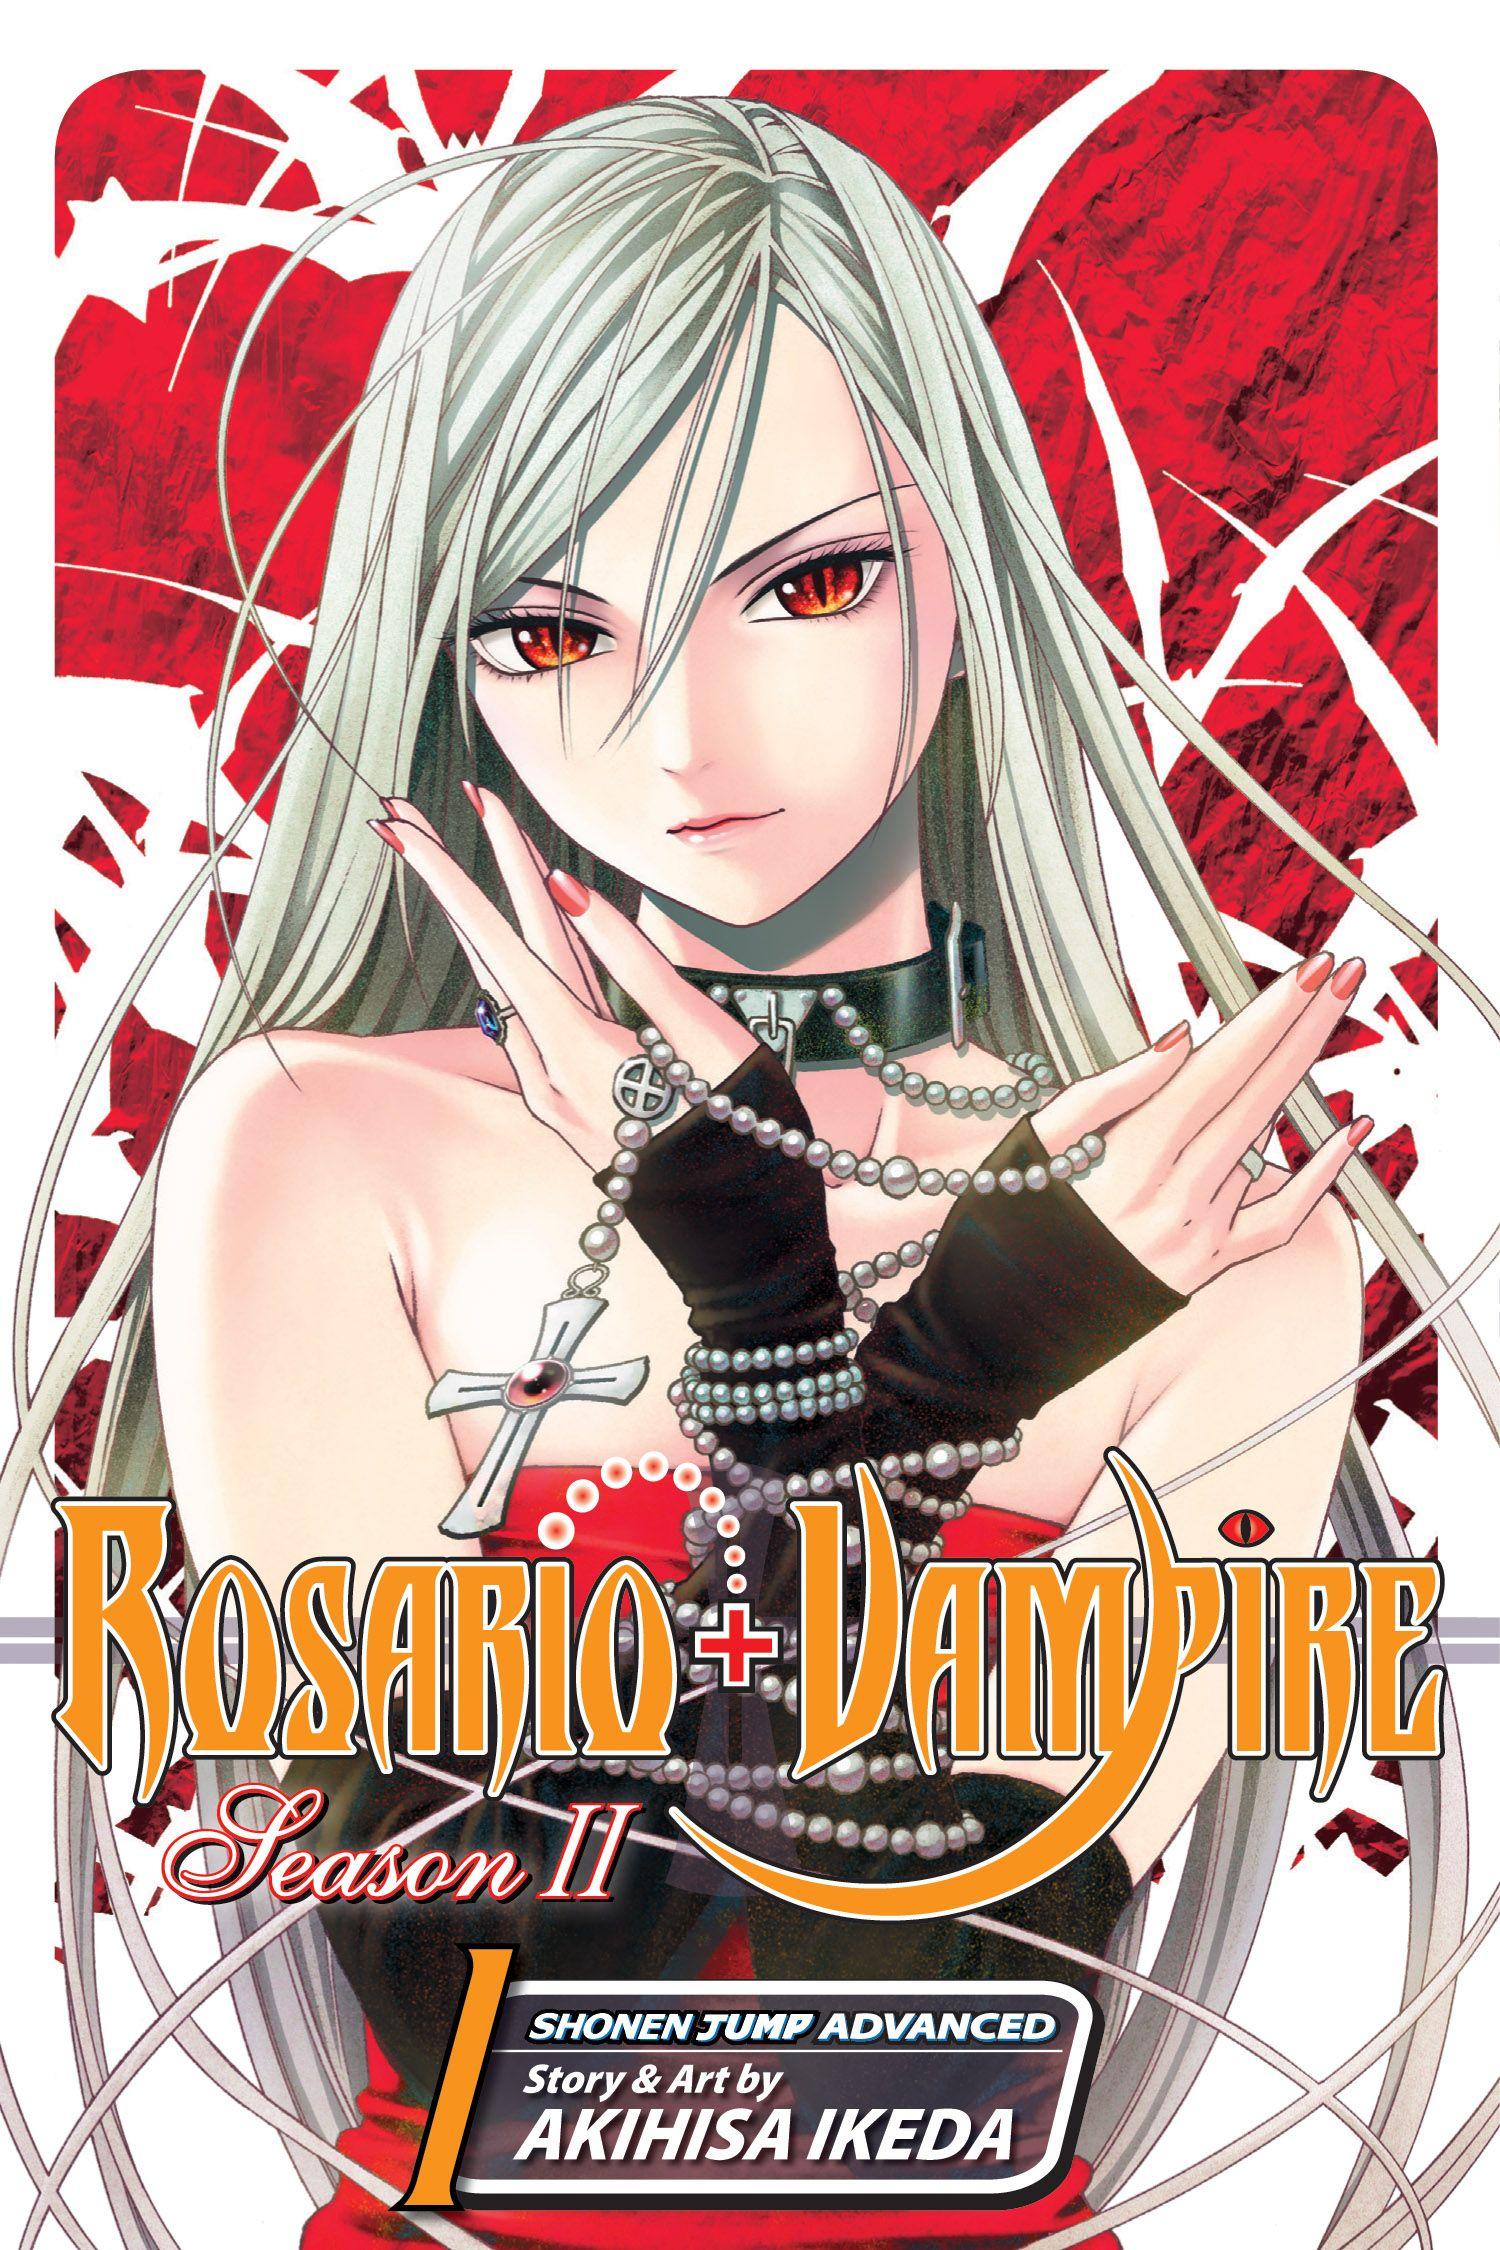 Rosario To Vampire Season II Genres Action Comedy Ecchi